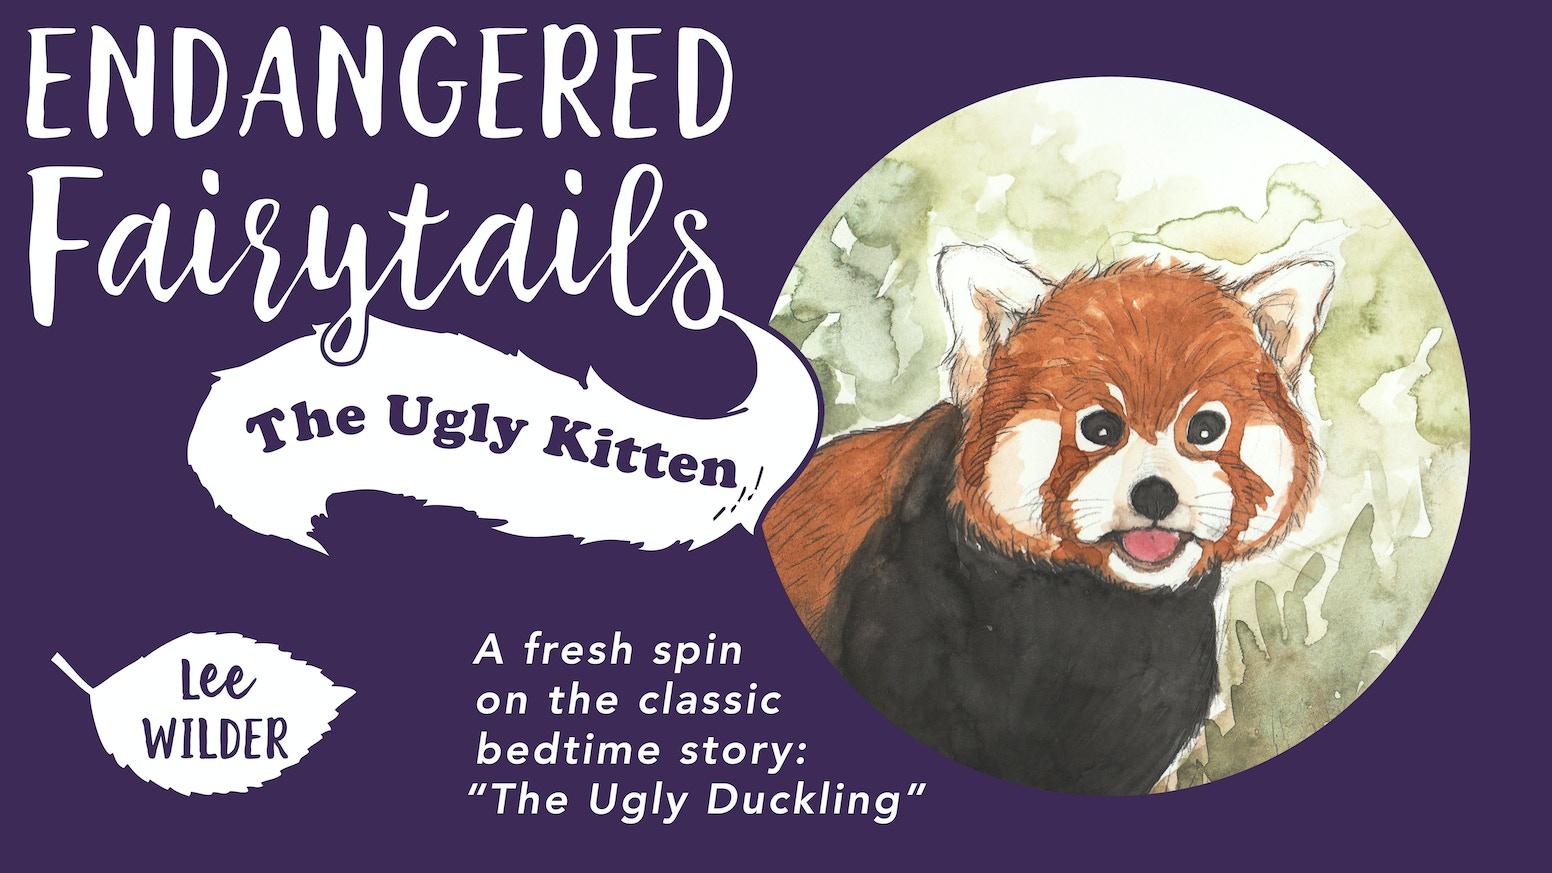 Endangered Fairytails: The Ugly Kitten